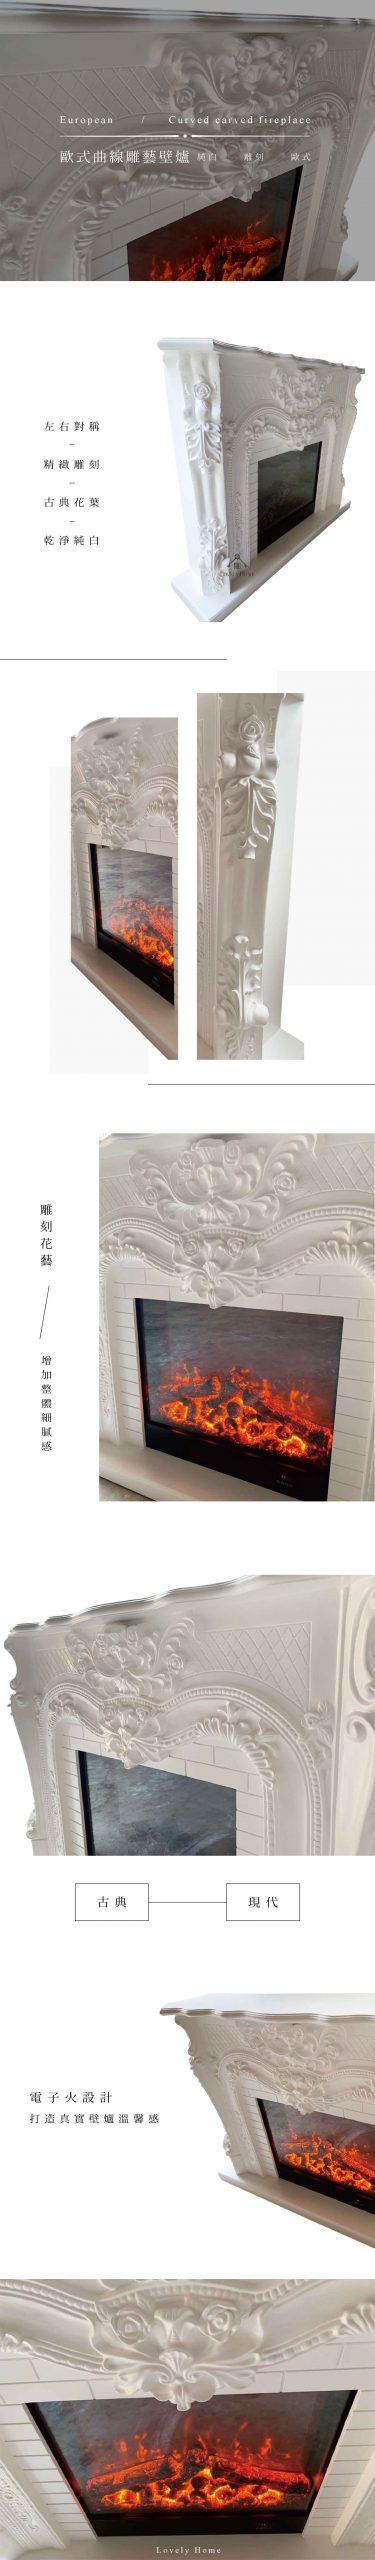 product 可愛小舖 純白 壁爐 雕刻花邊 電子火 對稱